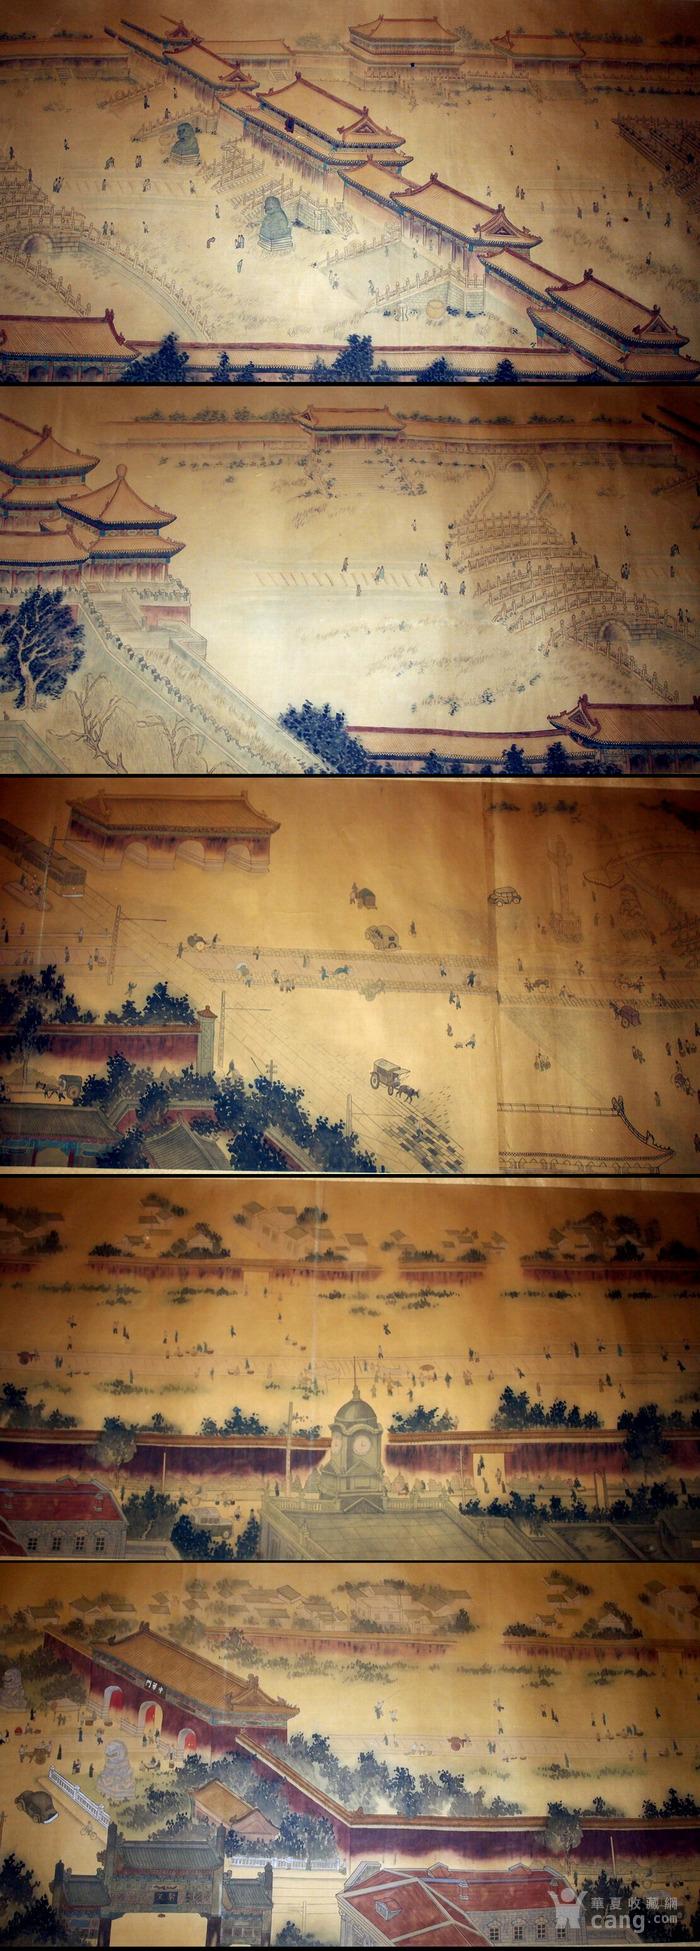 超巨幅长卷 《北平全景图》堂皇巨制!图7